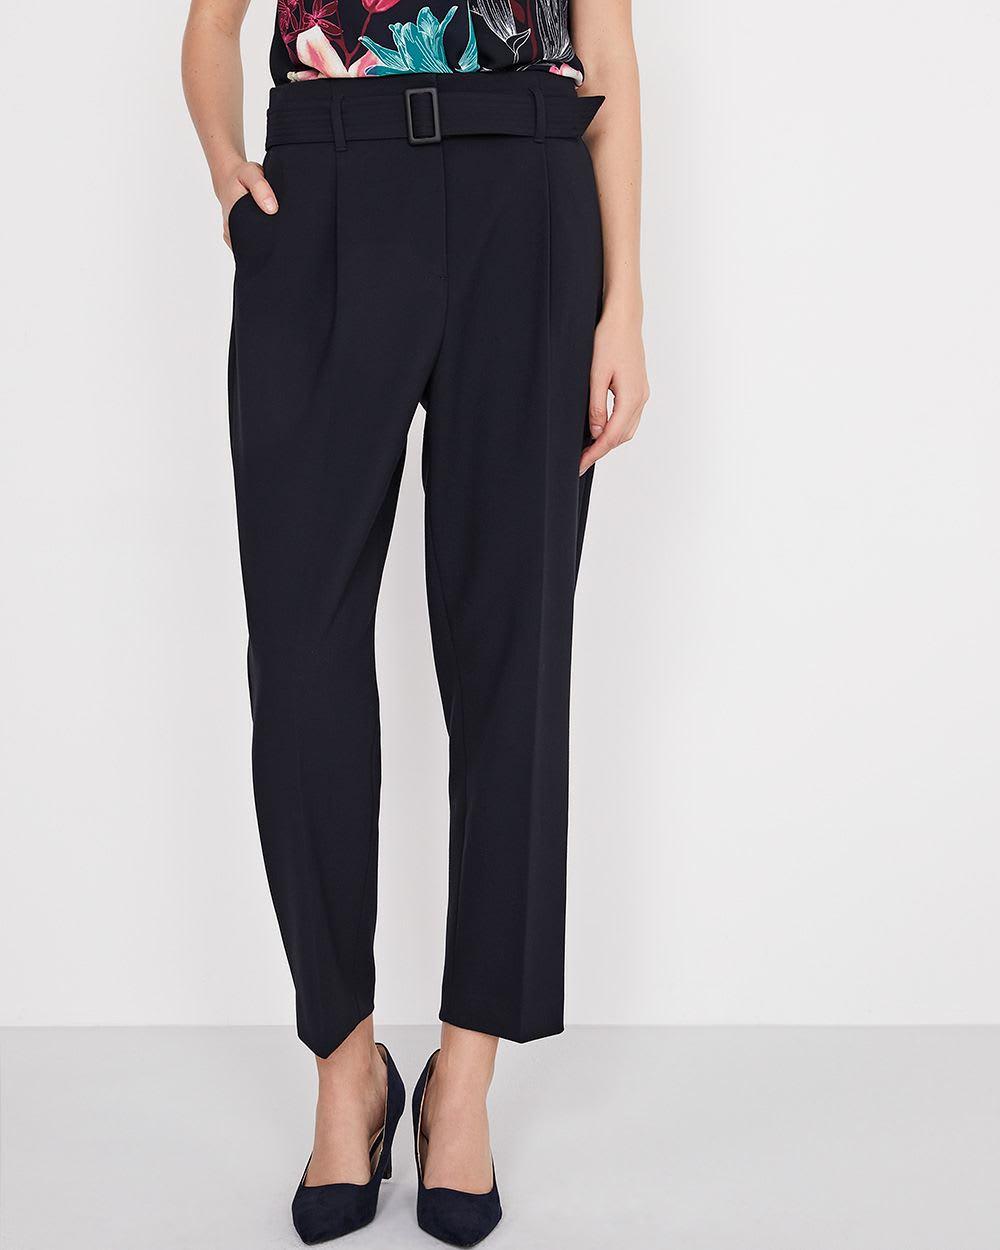 pantalon taille haute avec ceinture plis paper bag. Black Bedroom Furniture Sets. Home Design Ideas